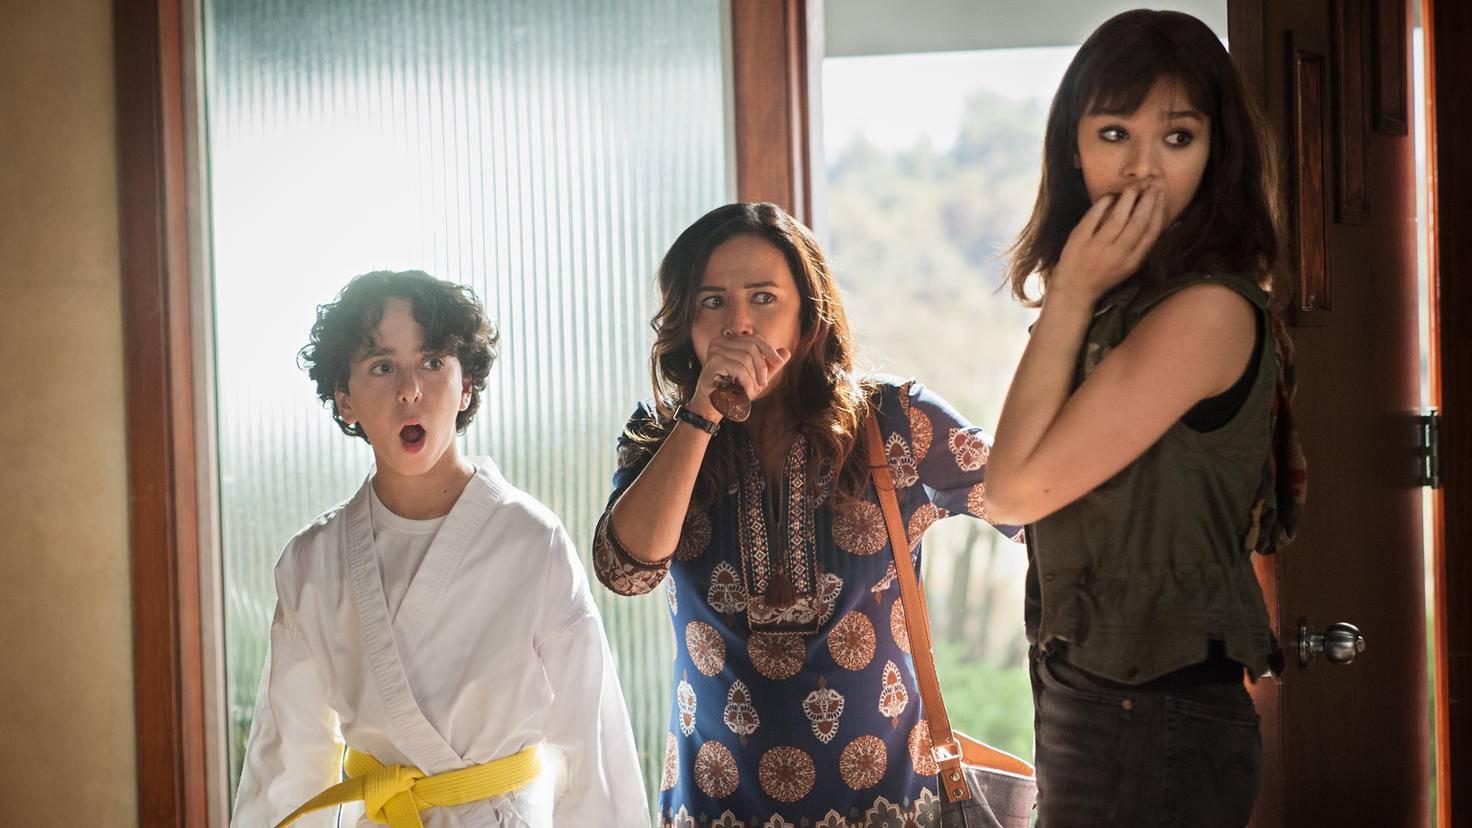 Jason Drucker als Otis Pamela Adlon als Sally und Hailee Steinfeld als Charlie in Bumblebee